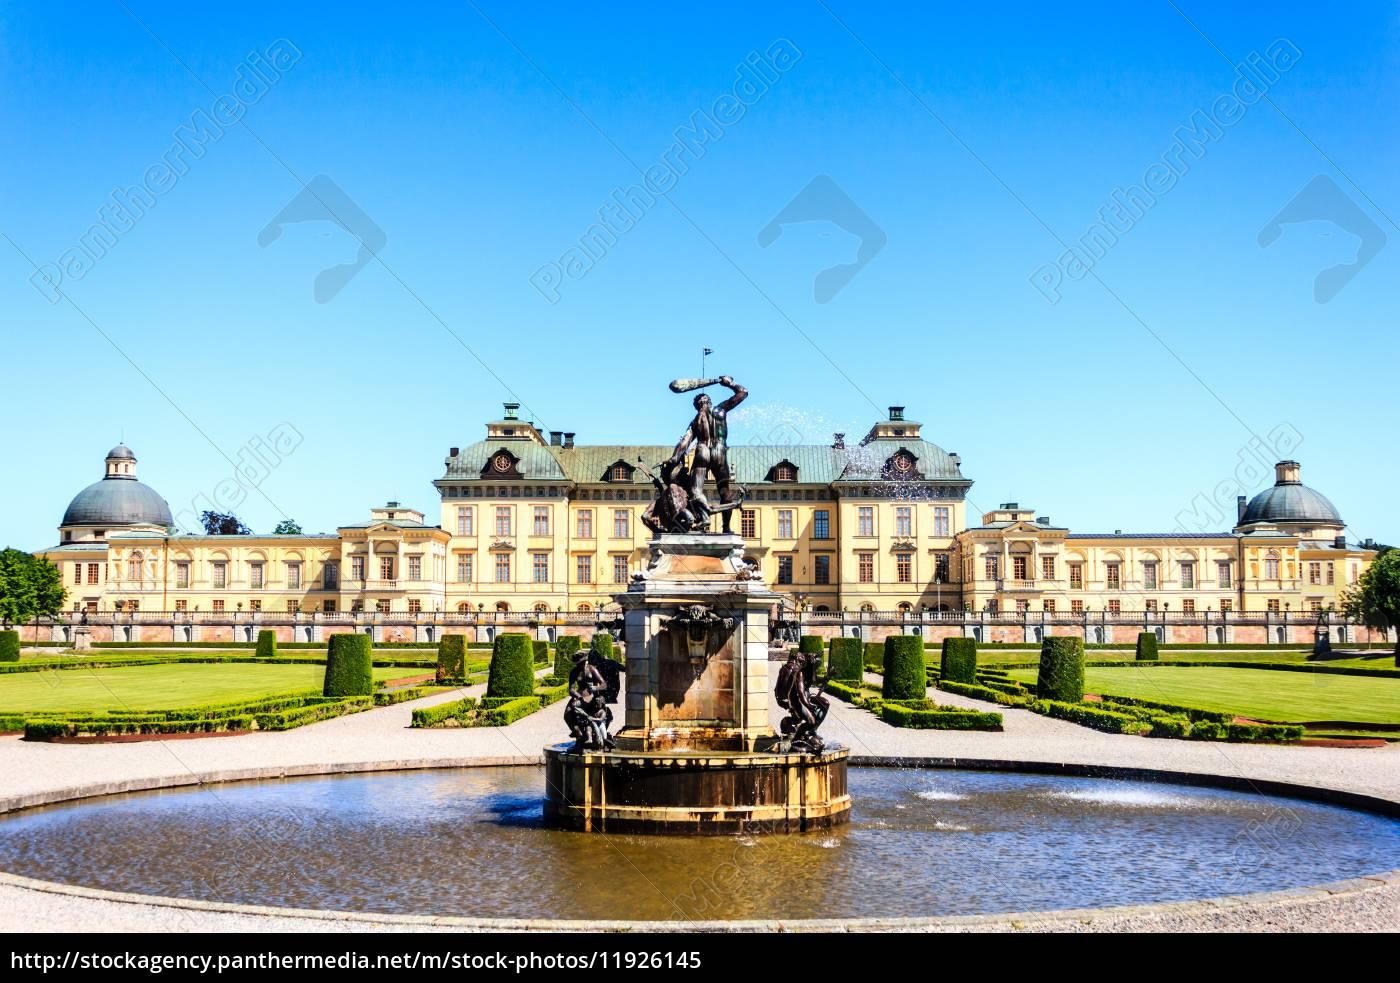 brunnen, vor, drottningholms, slott, (königspalast) - 11926145